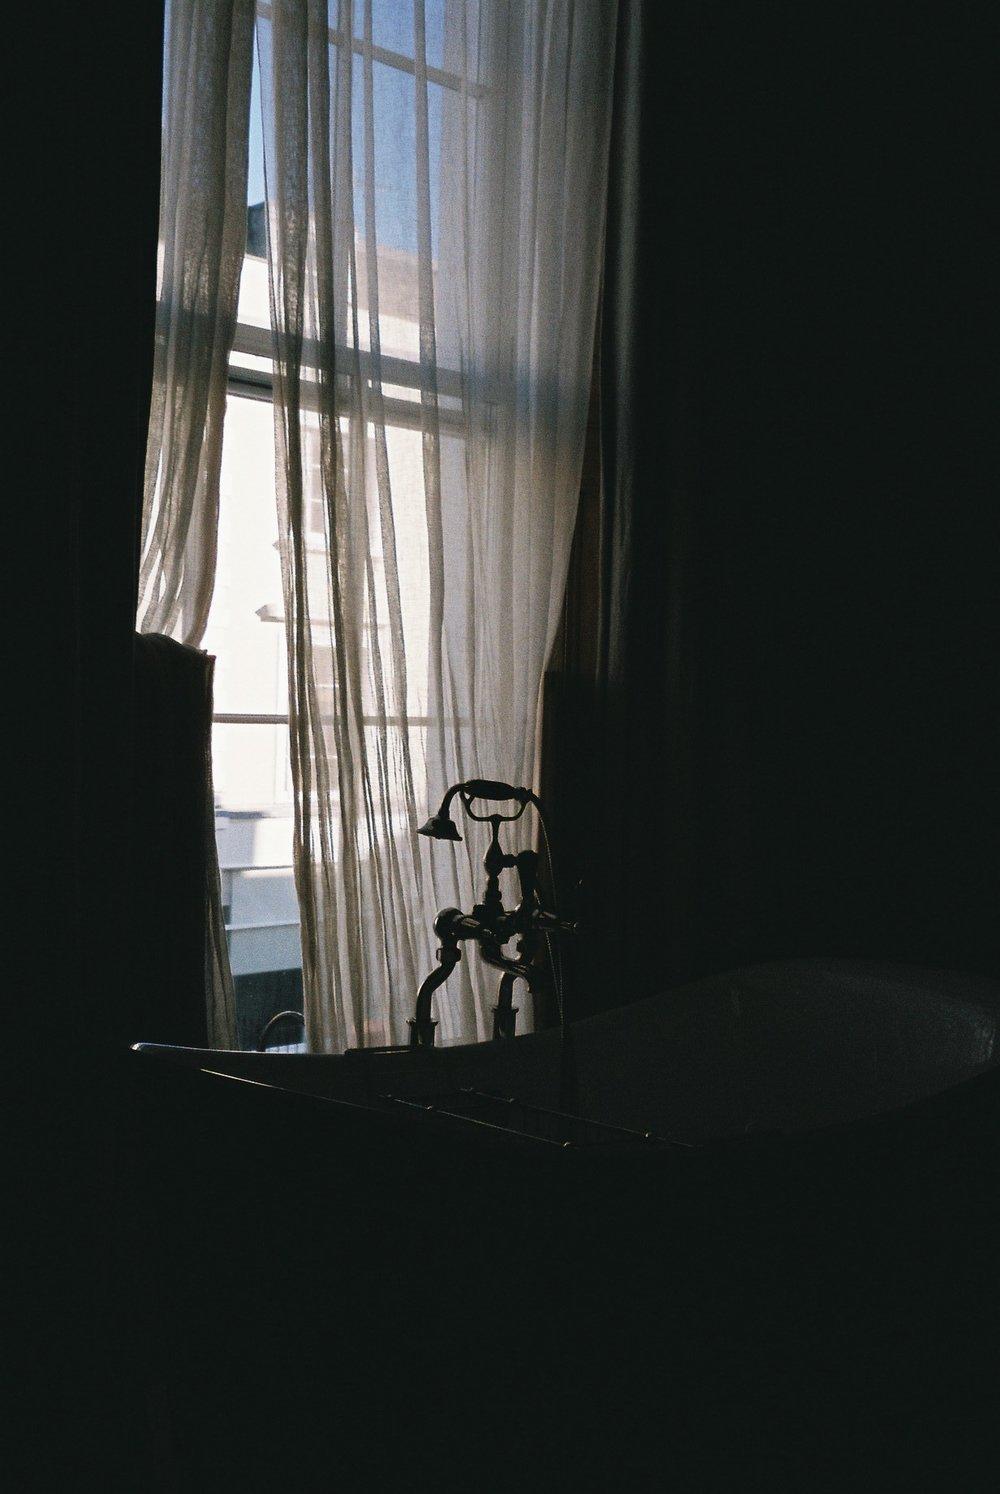 Still in the bathroom of the same hotel room, on a rare day of blue skies. /  Ainda na casa de banho do mesmo quarto de hotel, num dia raro de céu azul.